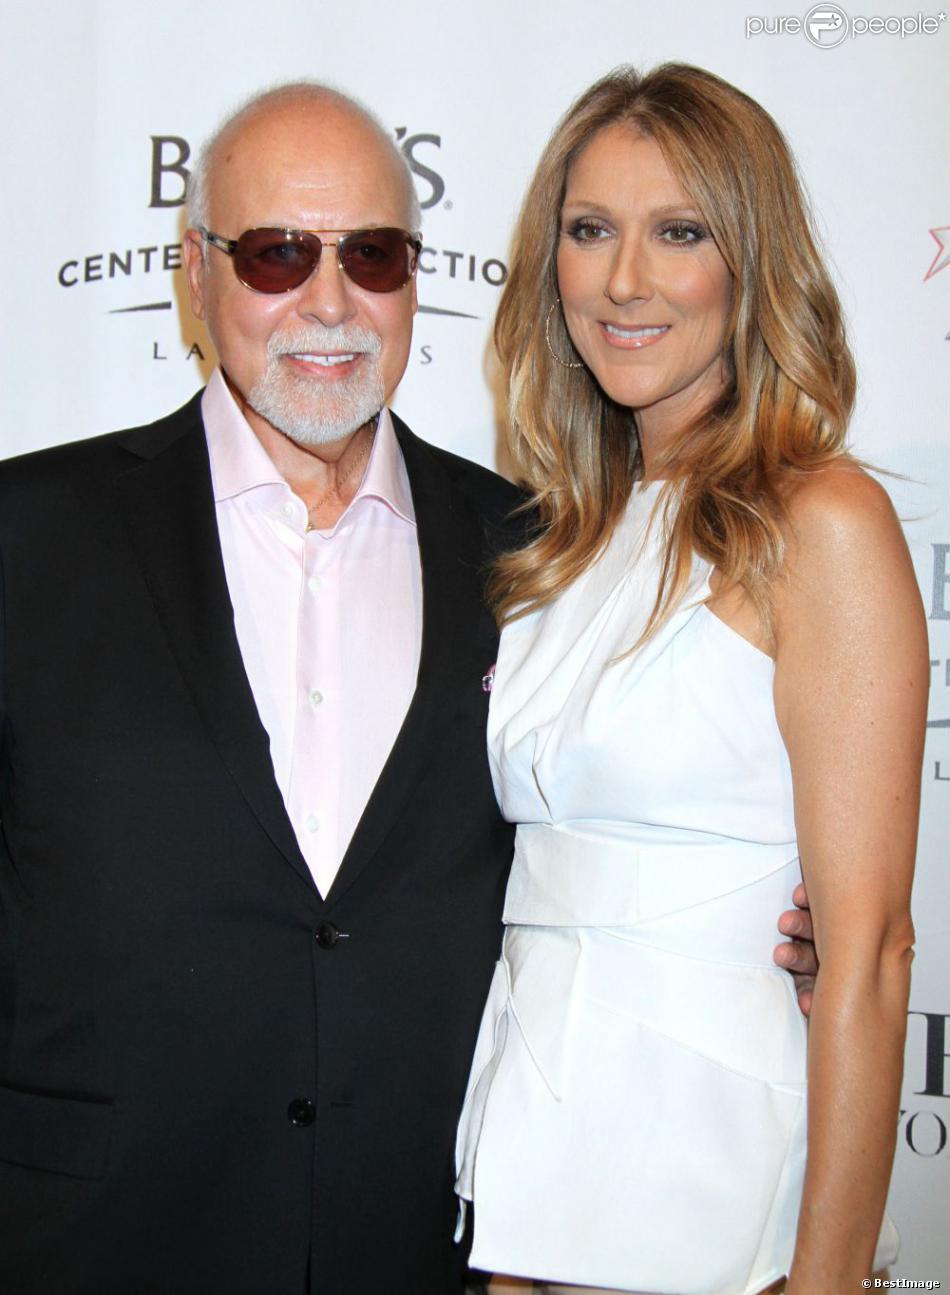 Céline Dion et René Angélil à la première de Veronic Voices, au théâtre The Jubilee, à l'hôtel Bally, à Las Vegas, le 28 juin 2013.